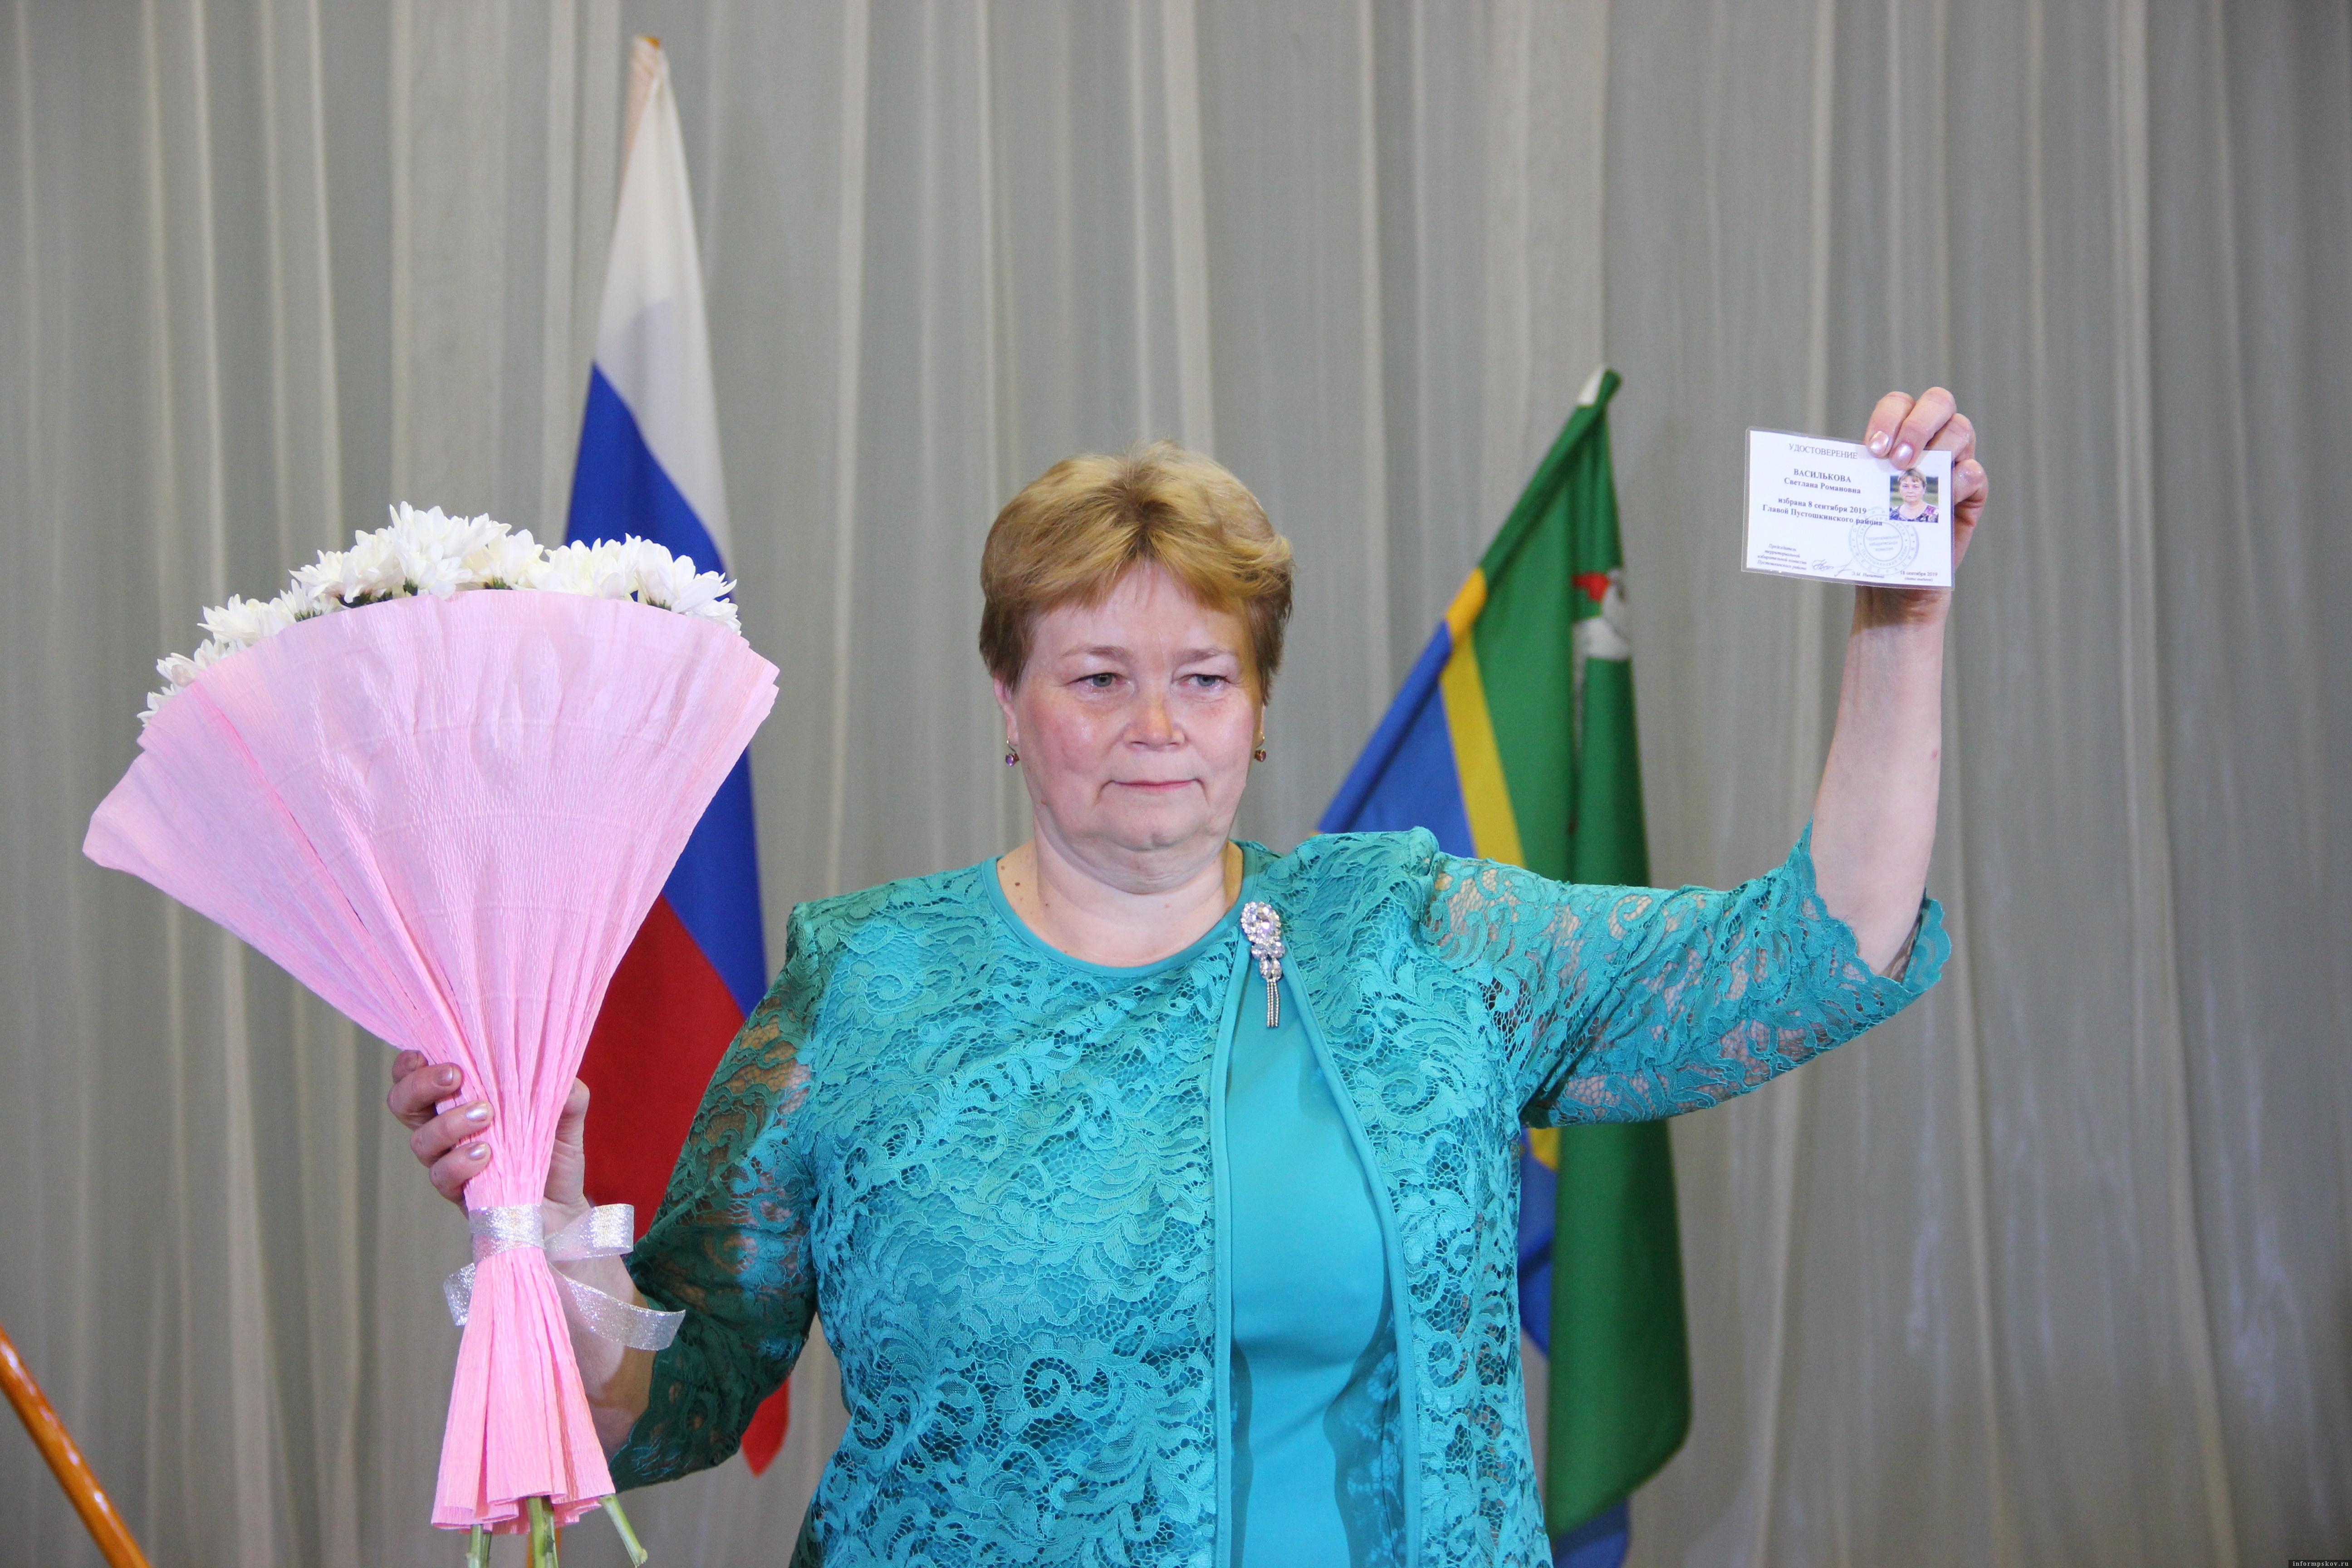 Светлана Василькова вступила в должность главы Пустошкинского района 19 сентября 2019 года. Фото: пресс-служба Псковского областного Собрания.